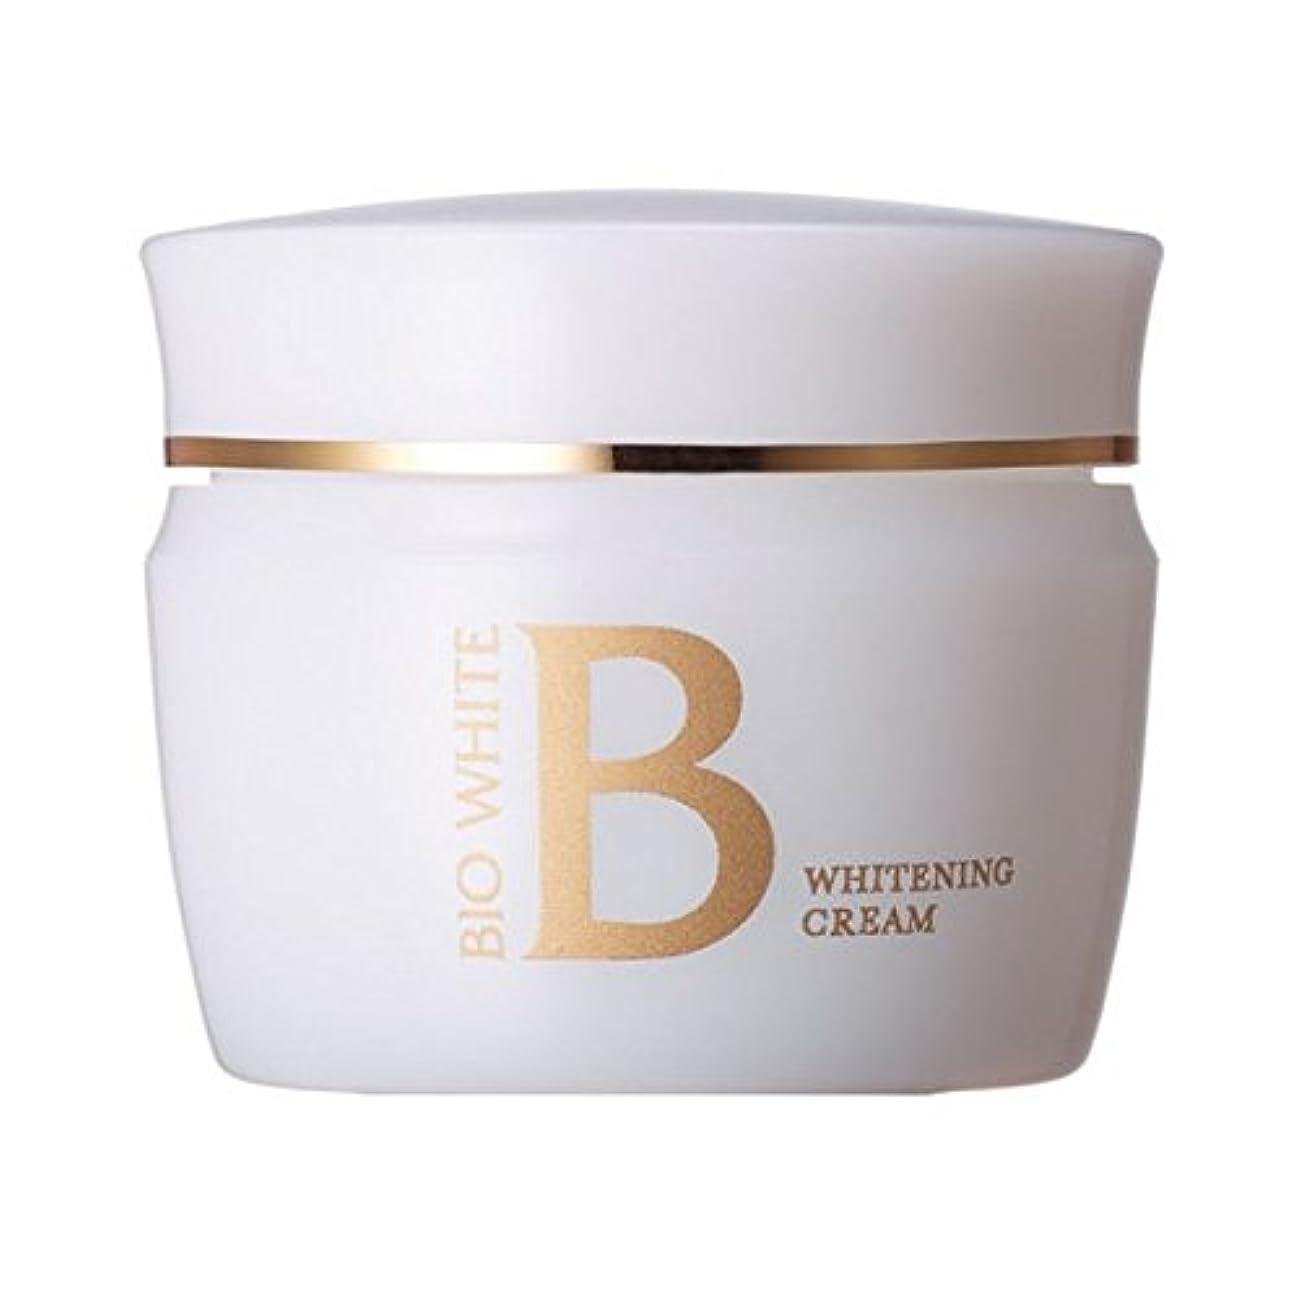 ペスト欠乏ナイロンエビス化粧品(EBiS) ビーホワイトクリーム40g トラネキサム酸配合 美白クリーム フェイスクリーム